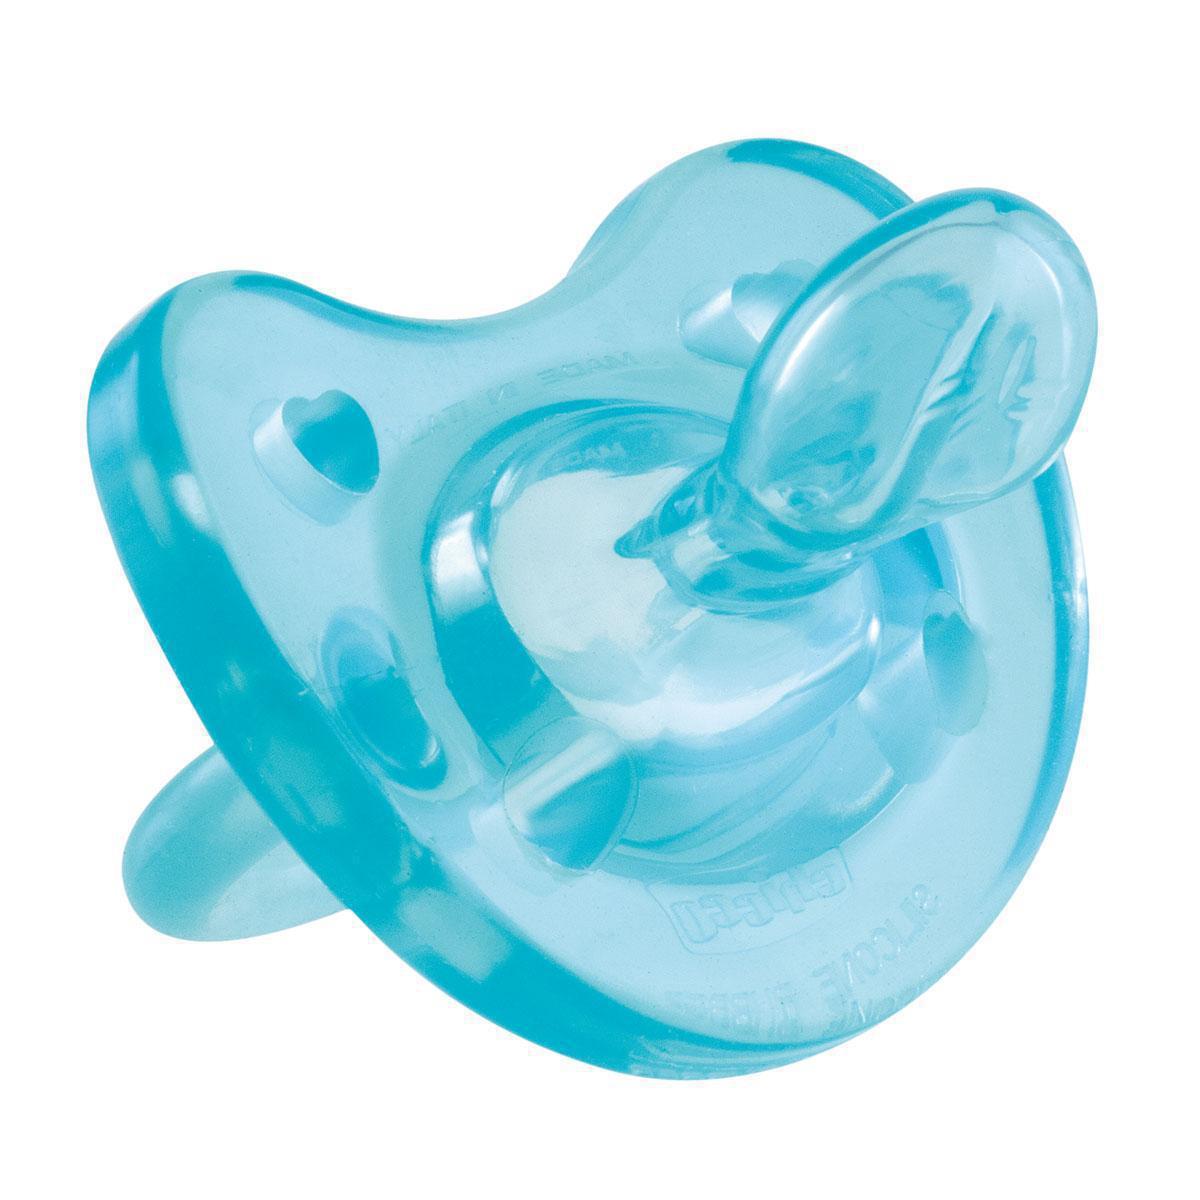 Chicco Пустышка Physio Soft силиконовая от 6 до 12 месяцев цвет голубой